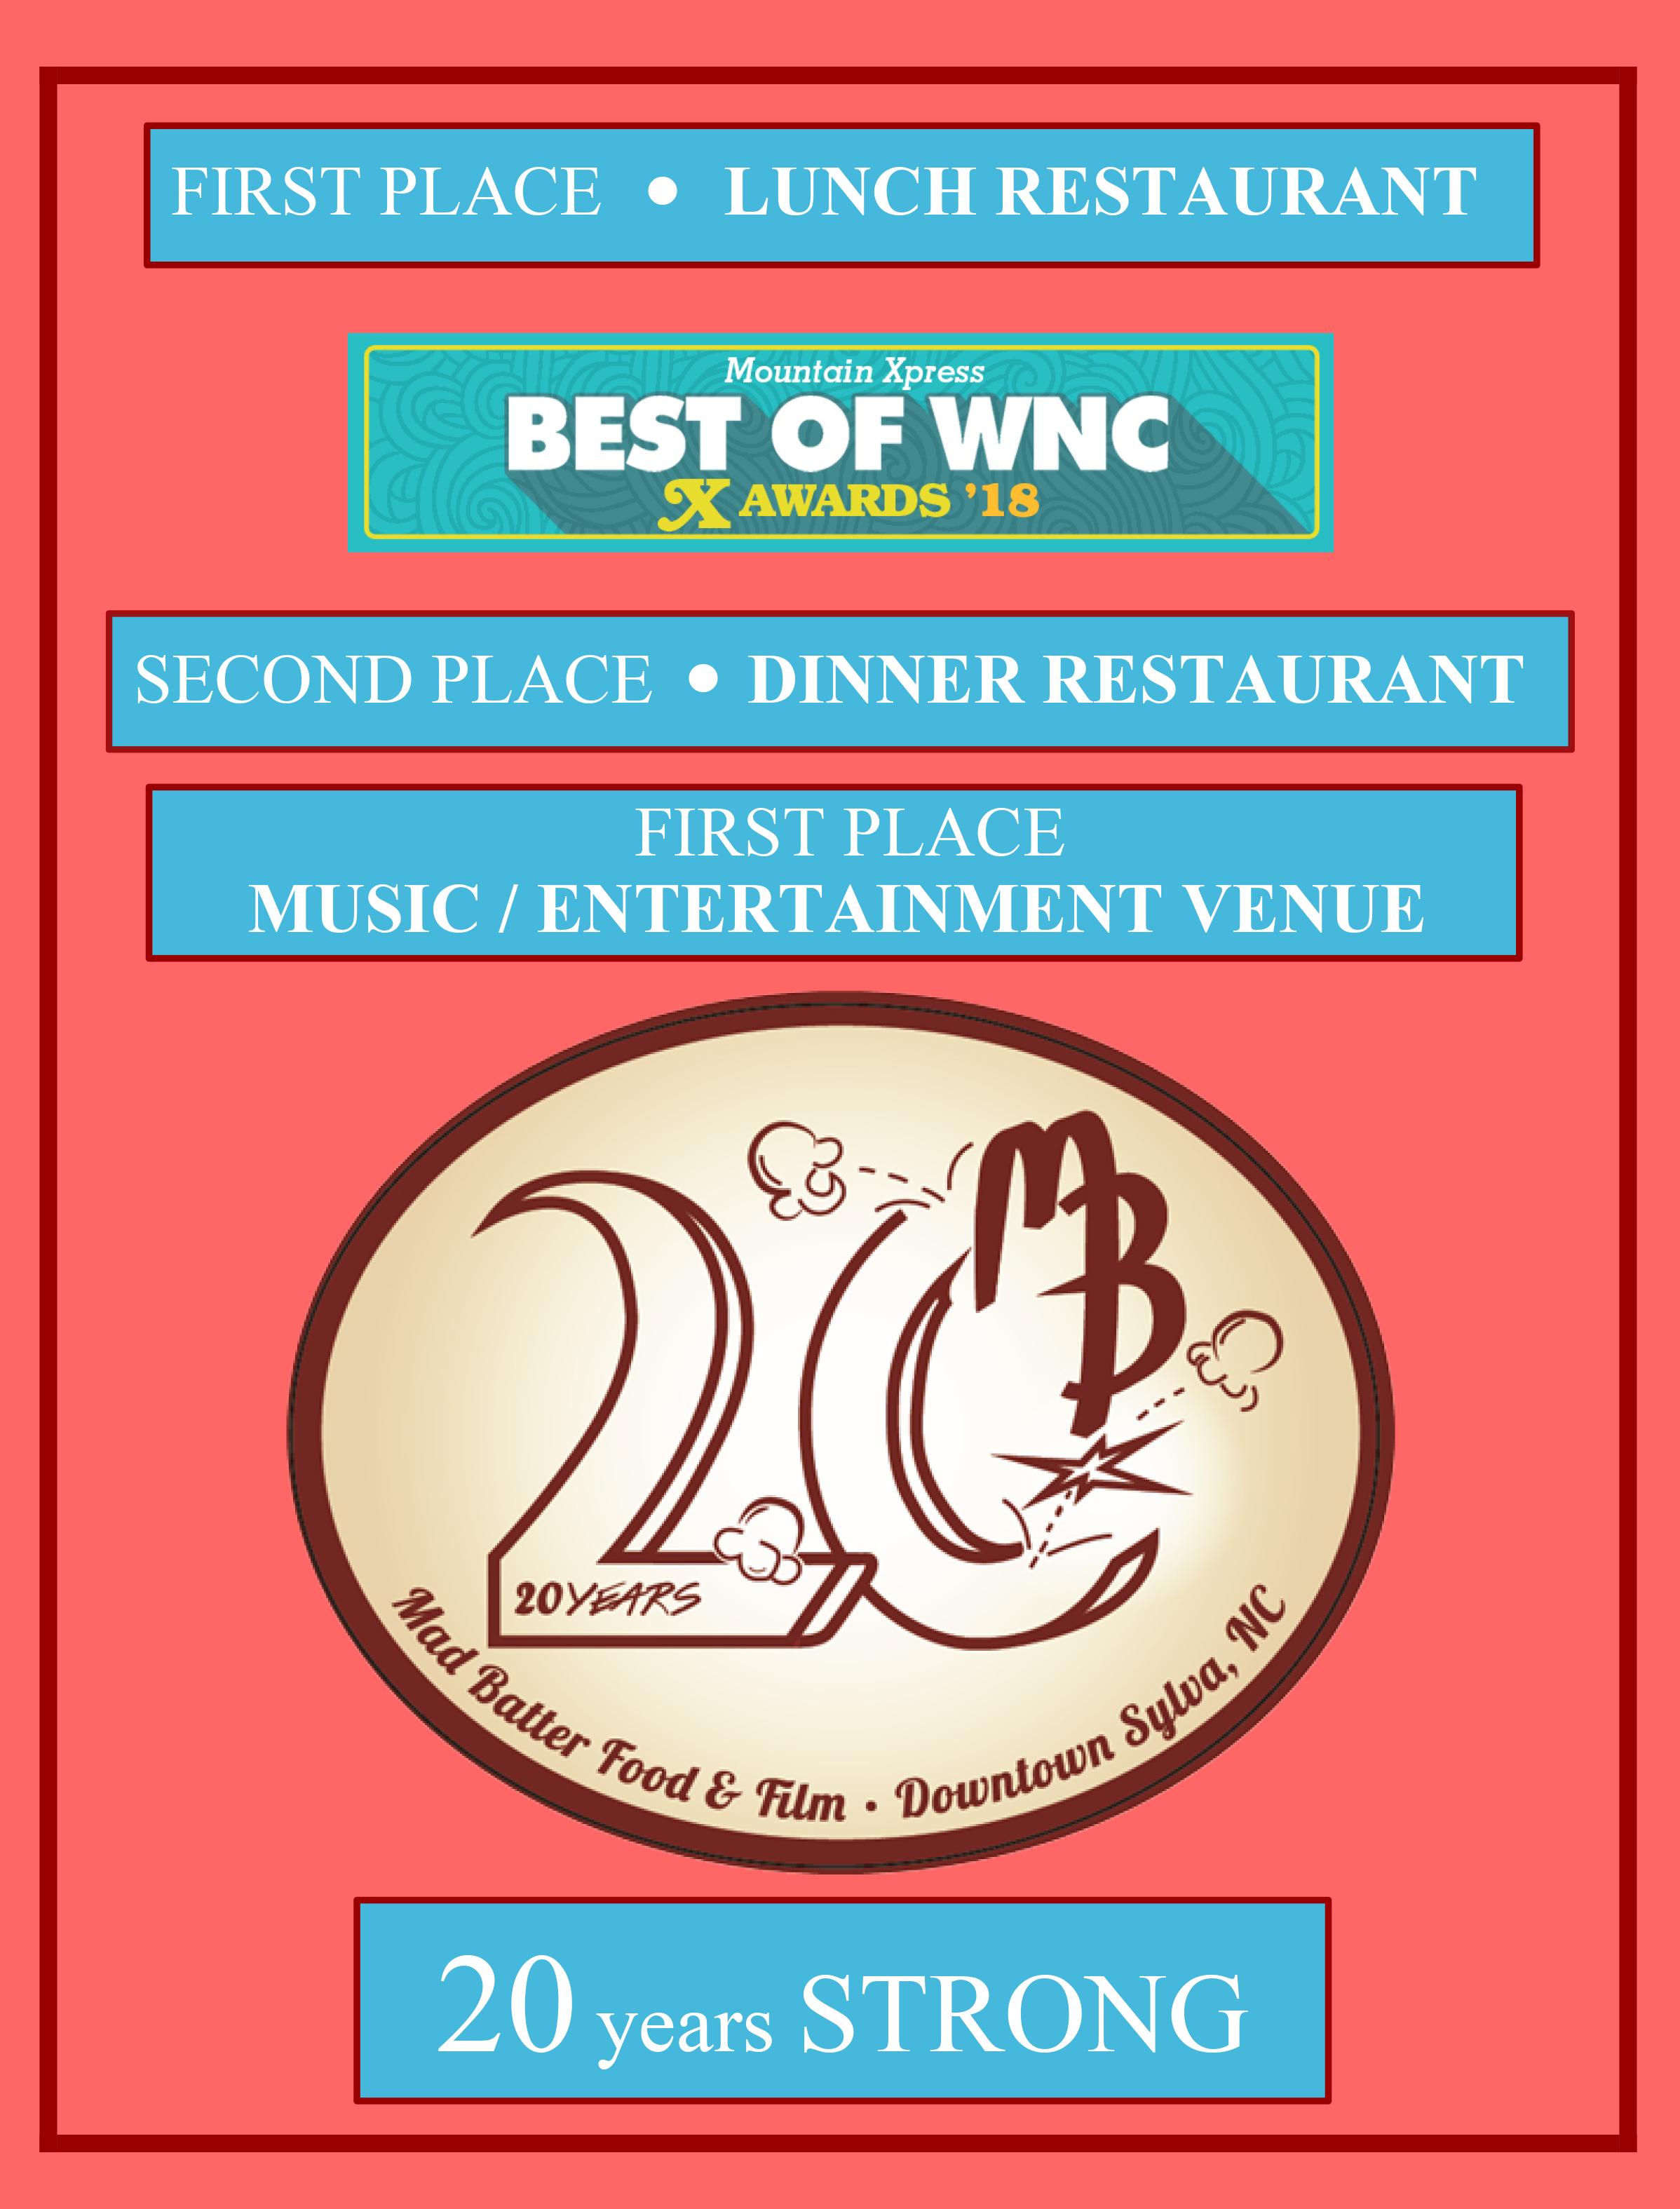 Best of WNC & 20 years.jpg